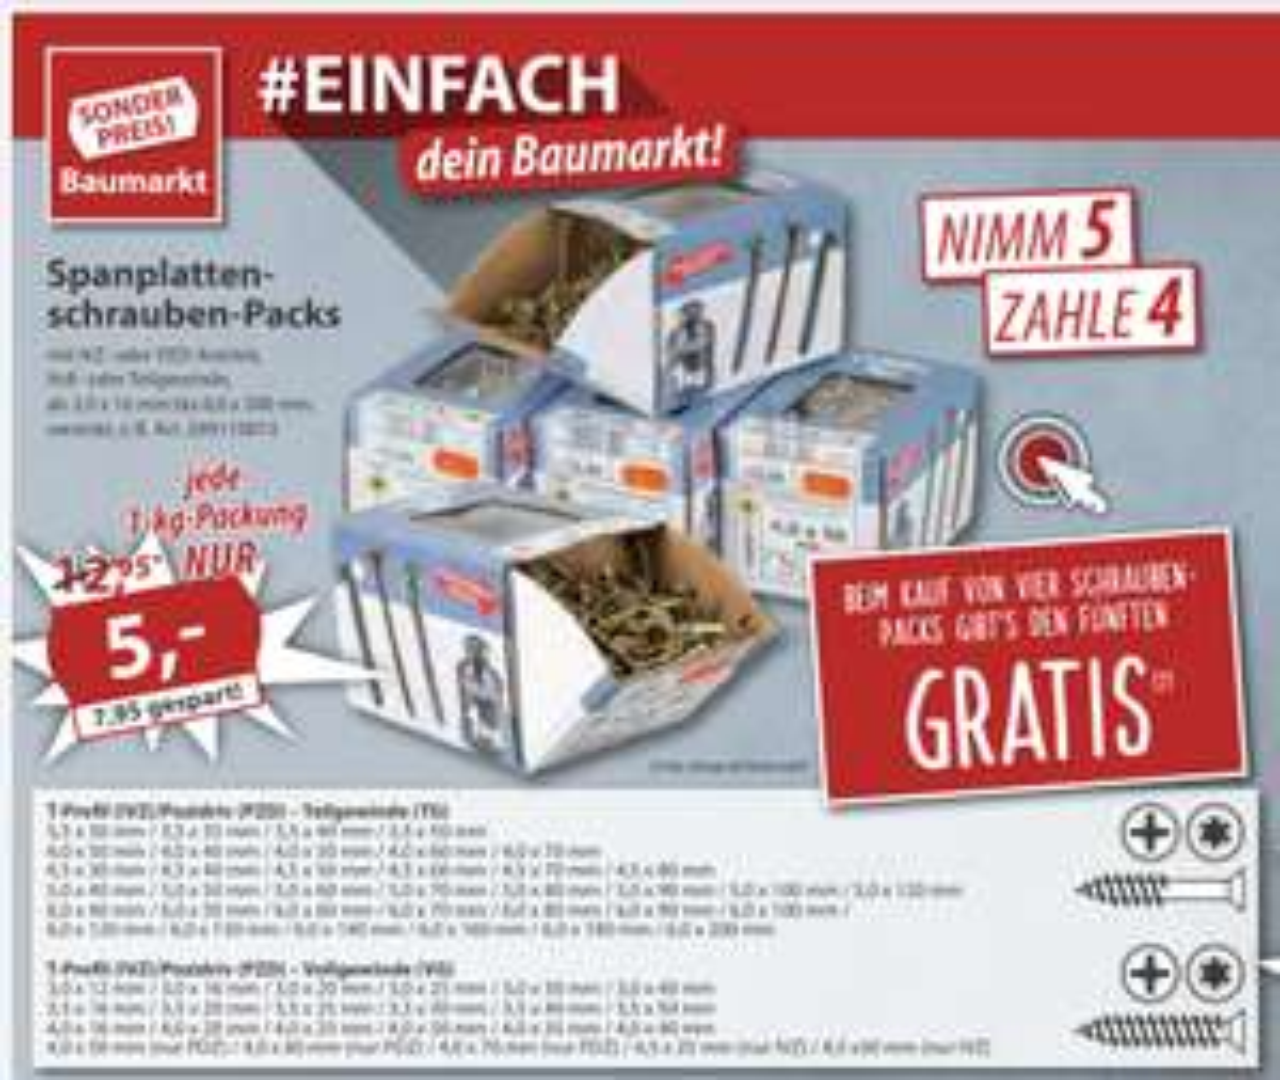 Spanplattenschrauben-Packs von Fishbull mit TX/PZ Antrieb